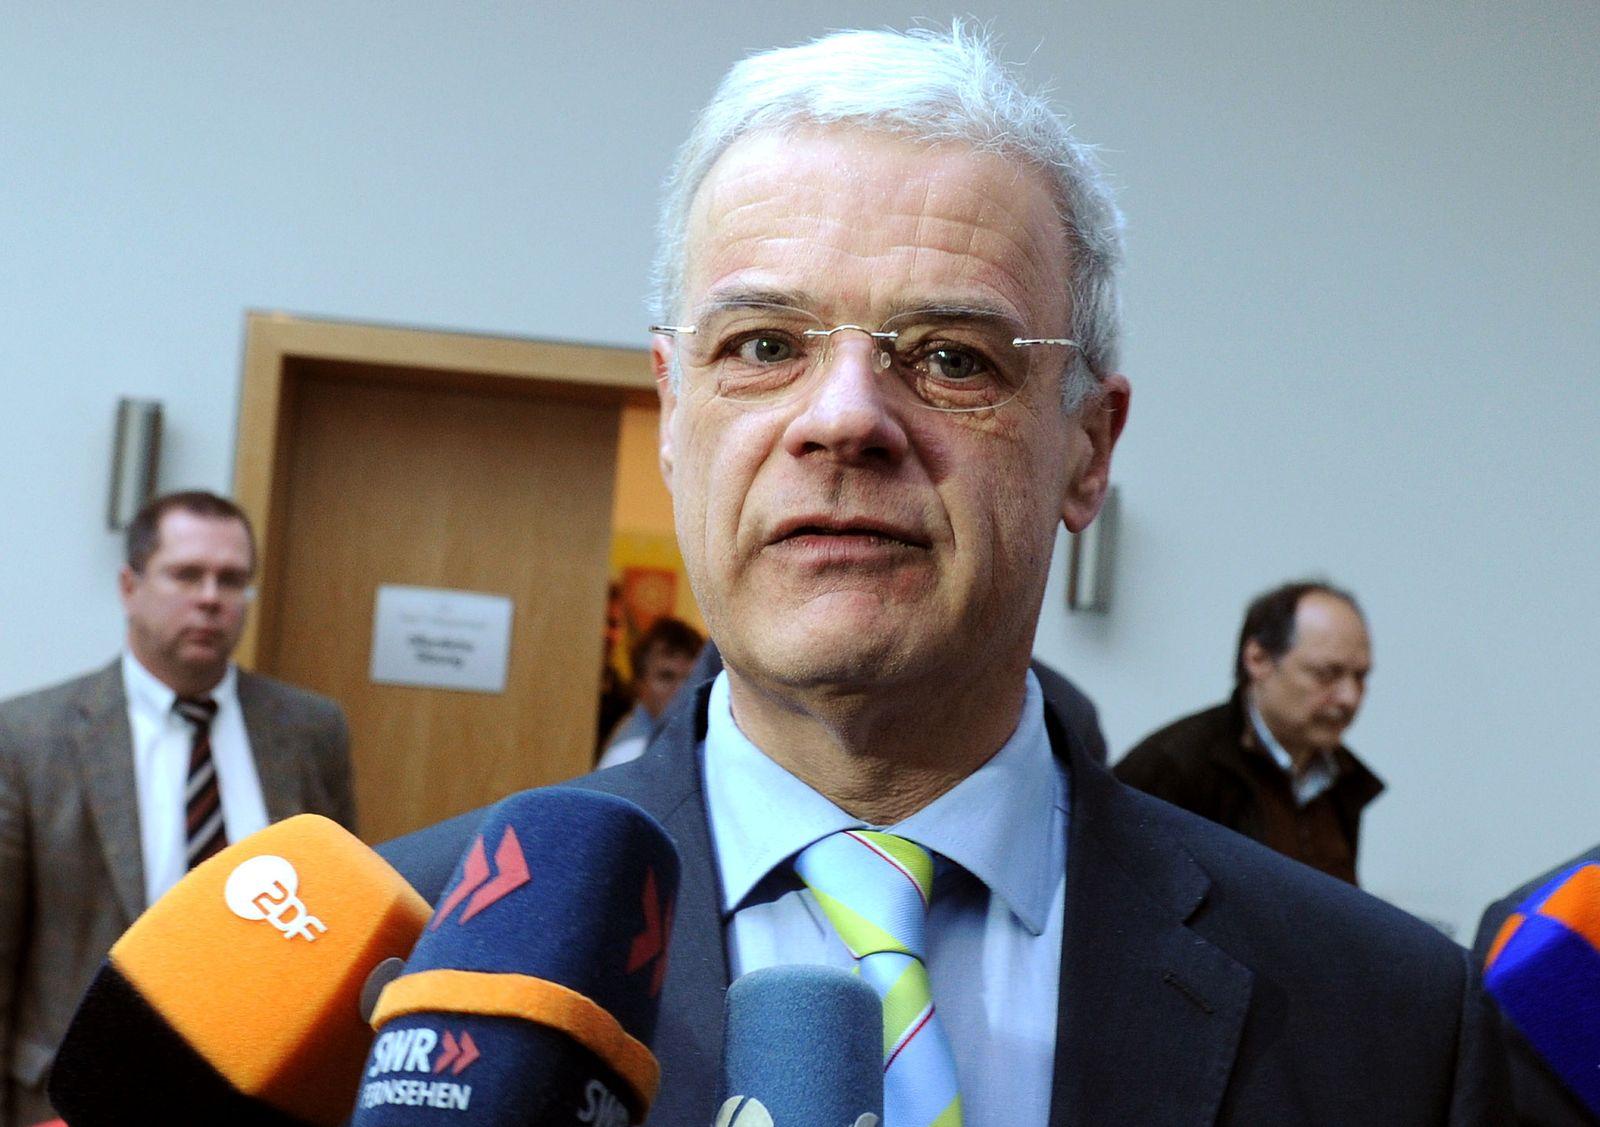 NICHT VERWENDEN Wahlkampf Rheinland-Pfalz / Christoph Böhr